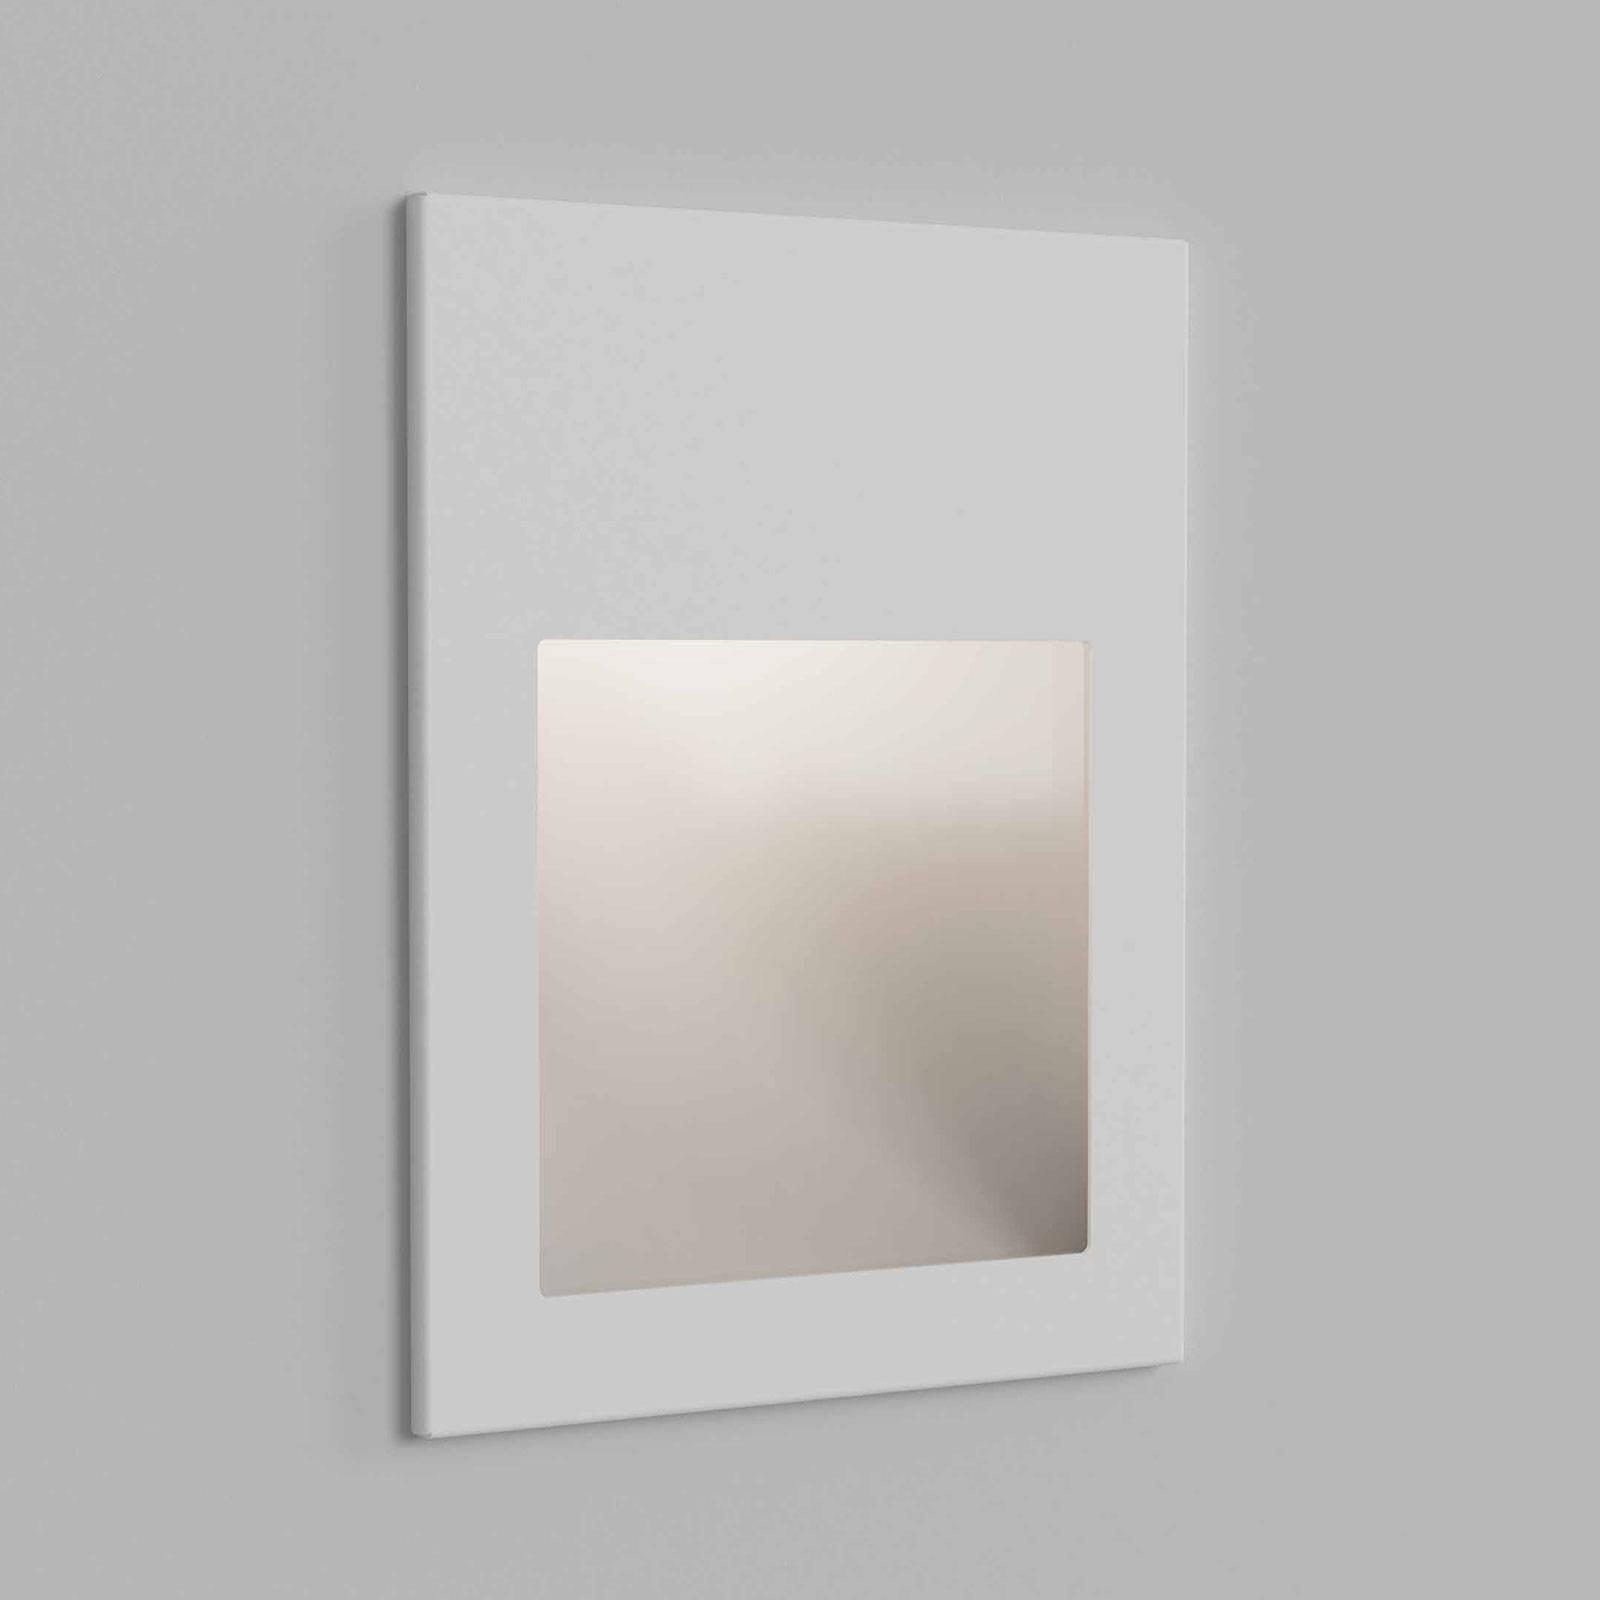 Astro Borgo 90 -seinäuppovalaisin, valkoinen